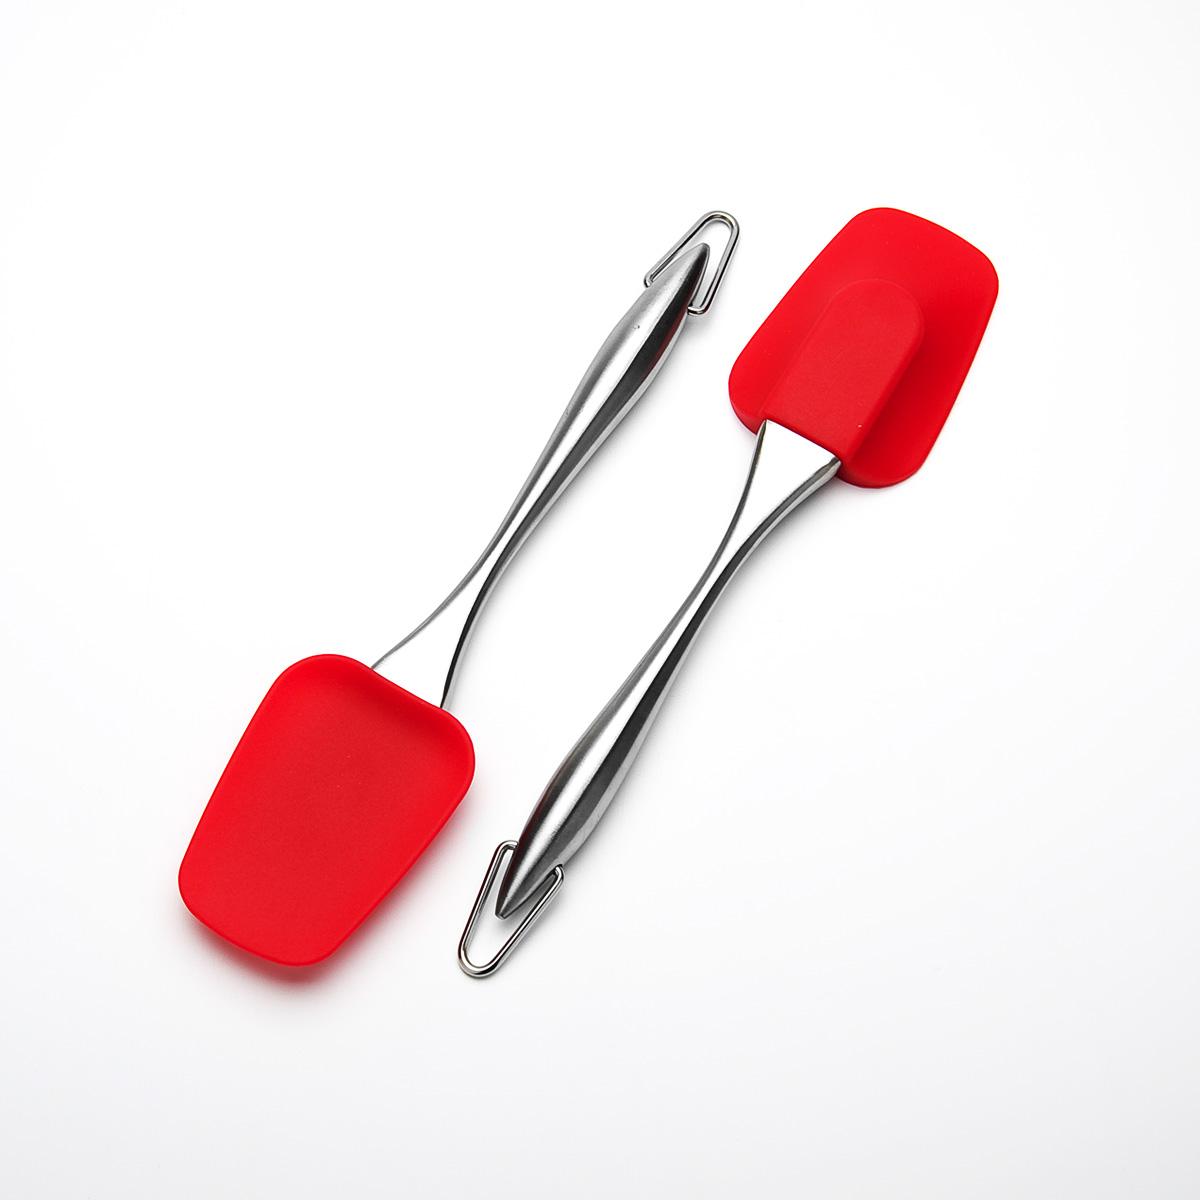 Лопатка кулинарная Mayer & Boch, цвет: красный, длина 26 см23160Кулинарная лопатка Mayer & Boch станет вашим незаменимым помощником на кухне. Рабочая часть лопатки выполнена из силикона, ручка изготовлена из прочной нержавеющей стали. Силиконовая часть лопатки выдерживает температуру до +230°С. Силикон абсолютно безвреден для здоровья, не впитывает запахи, не оставляет пятен, легко моется. Кулинарная лопатка Mayer & Boch - практичный и необходимый подарок любой хозяйке! Можно мыть в посудомоечной машине. Длина лопатки: 26 см.Размер рабочей части: 6,2 см х 8,7 см.